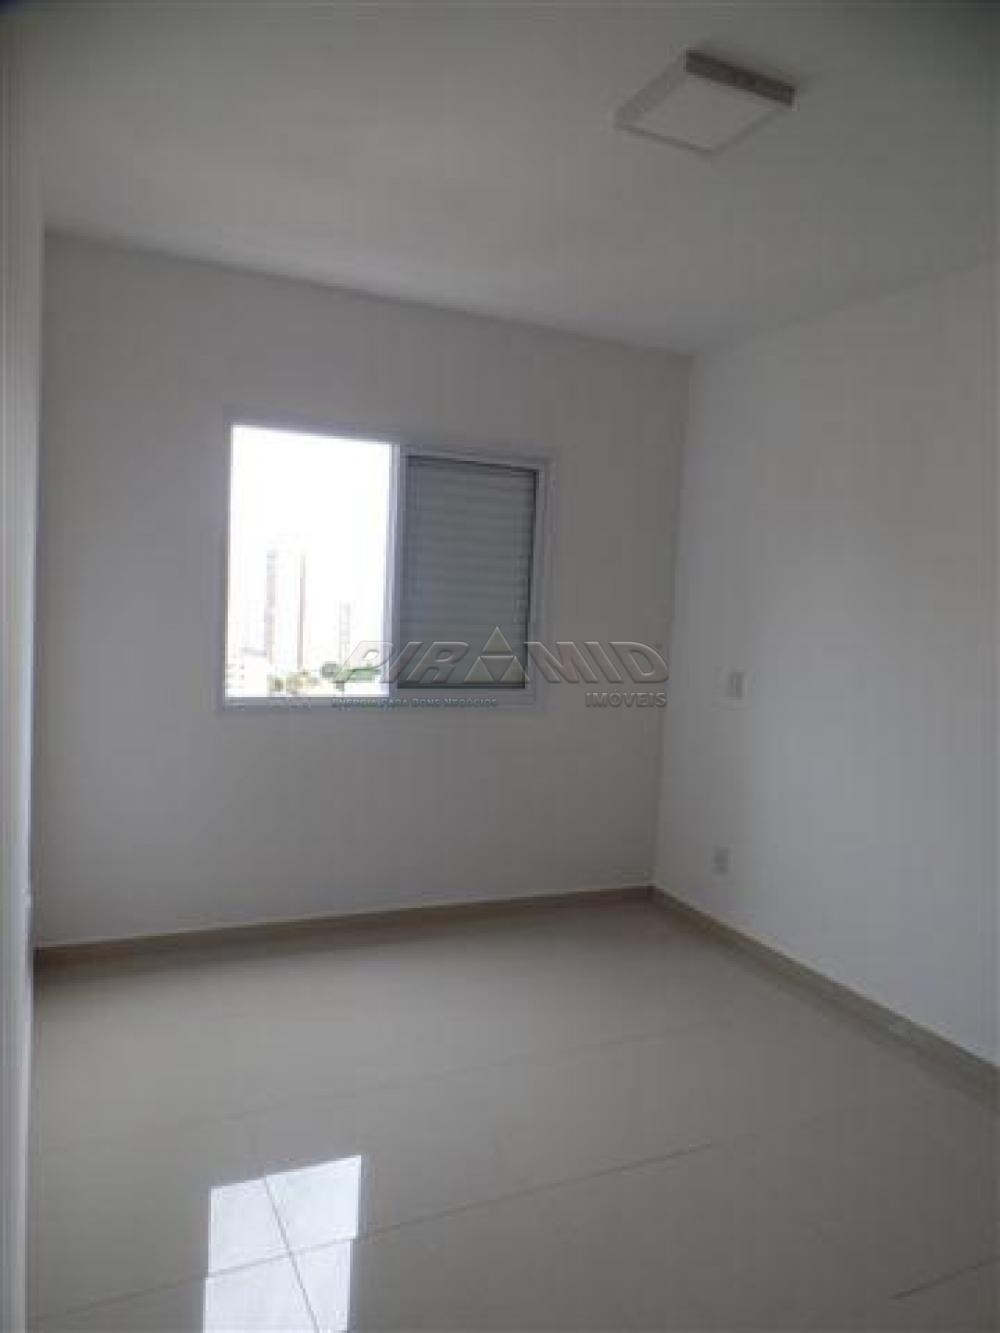 Alugar Apartamento / Padrão em Ribeirão Preto apenas R$ 3.000,00 - Foto 5